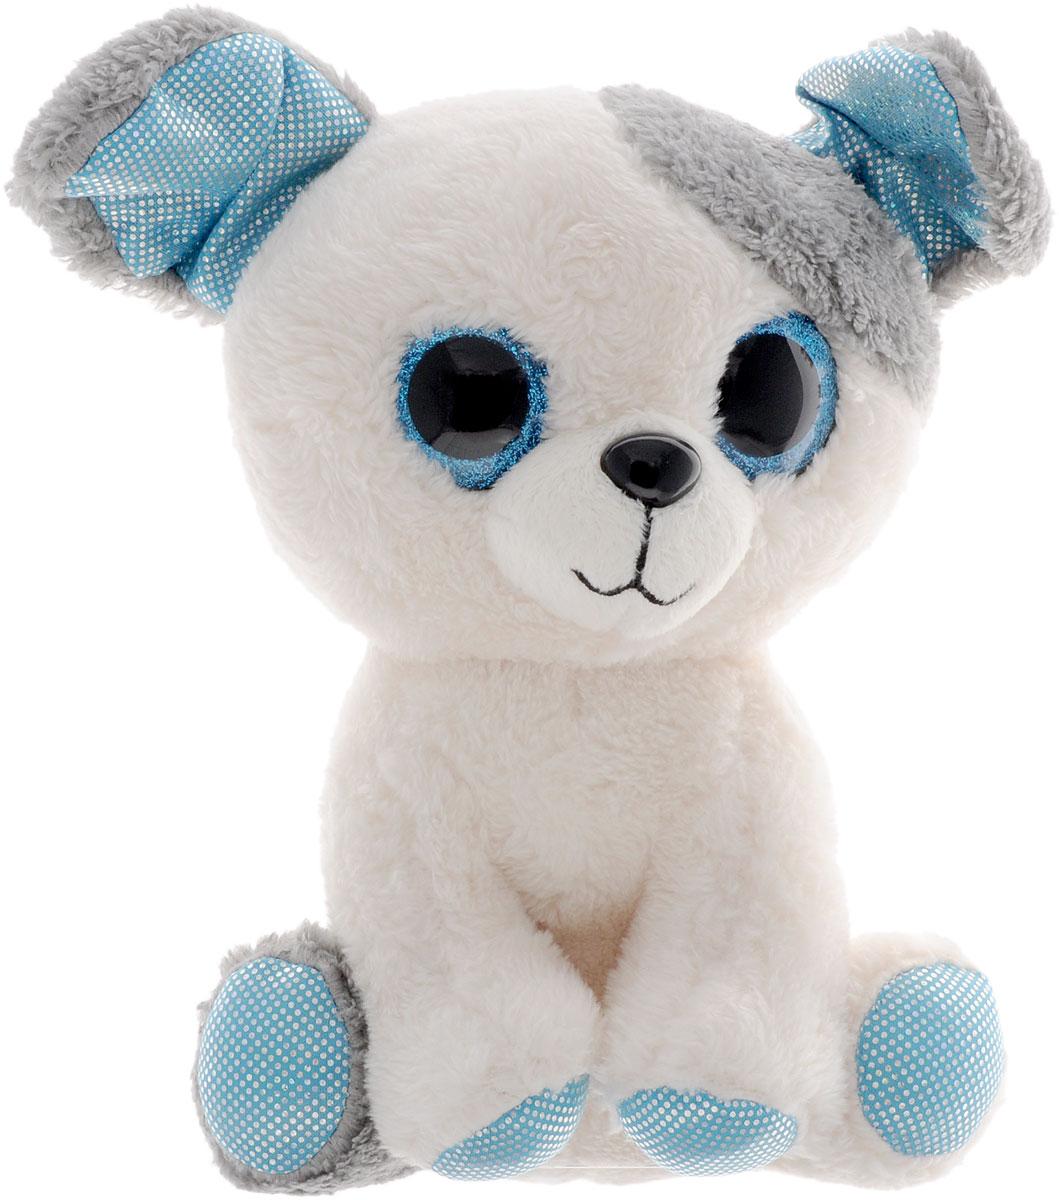 Fancy Мягкая игрушка Собачка Глазастик 22 смSBB0Мягкая игрушка Собачка Глазастик вызовет умиление и улыбку у каждого, кто ее увидит. Игрушка выполнена в виде симпатичного щеночка белого цвета с серыми ушками и блестящими голубыми вставками. У Собачки большие пластиковые глазки и милый черный носик. Игрушка изготовлена из мягкого, приятного на ощупь искусственного меха и текстиля с наполнителем из гипоаллергенного полиэфирного волокна. Удивительно мягкая игрушка принесет радость и подарит своему обладателю мгновения нежных объятий и приятных воспоминаний. Великолепное качество исполнения делают эту игрушку чудесным подарком к любому празднику.